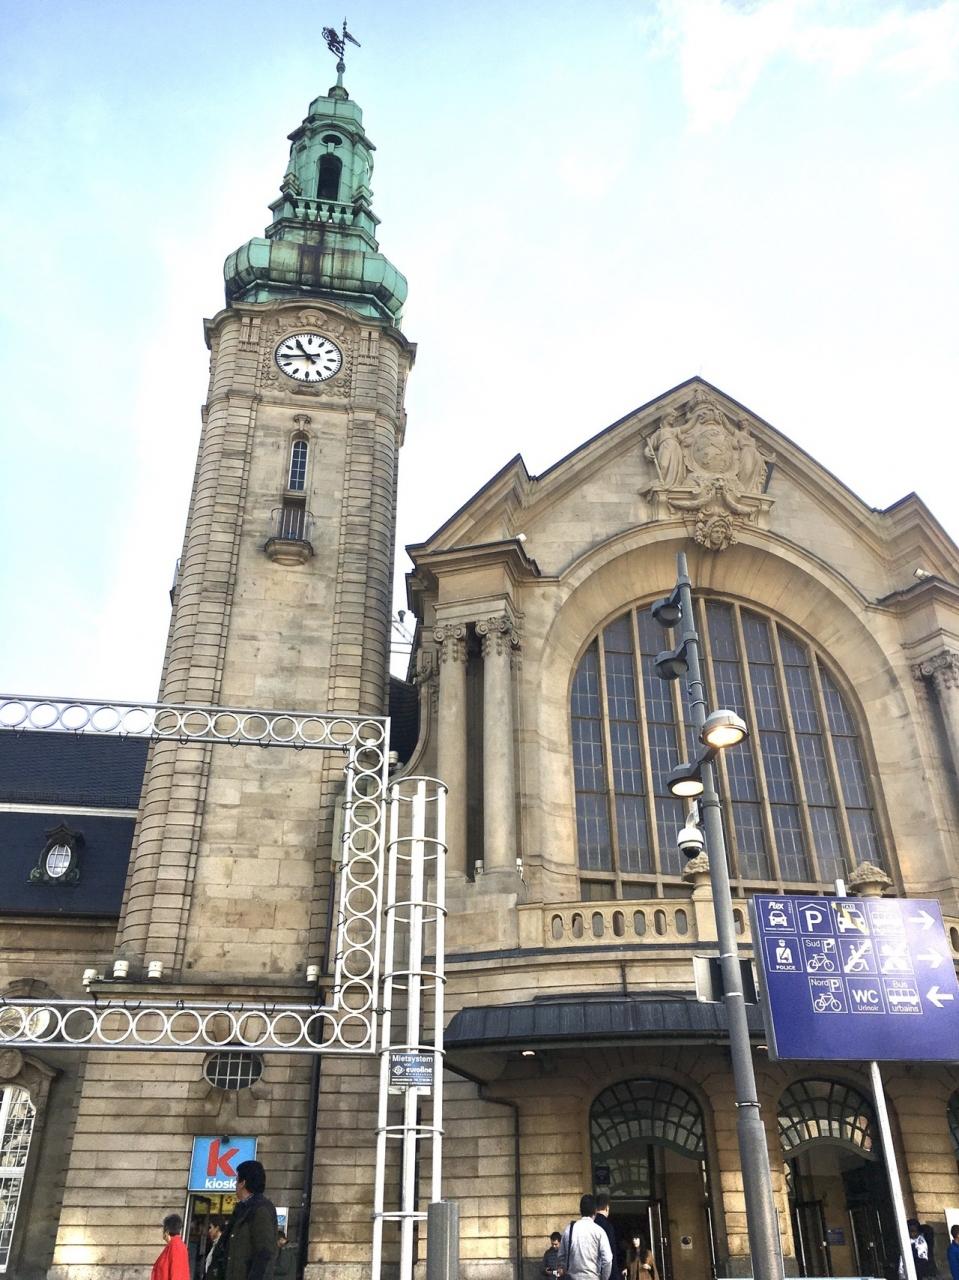 ルクセンブルクの国際駅のルクセンブルク中央駅